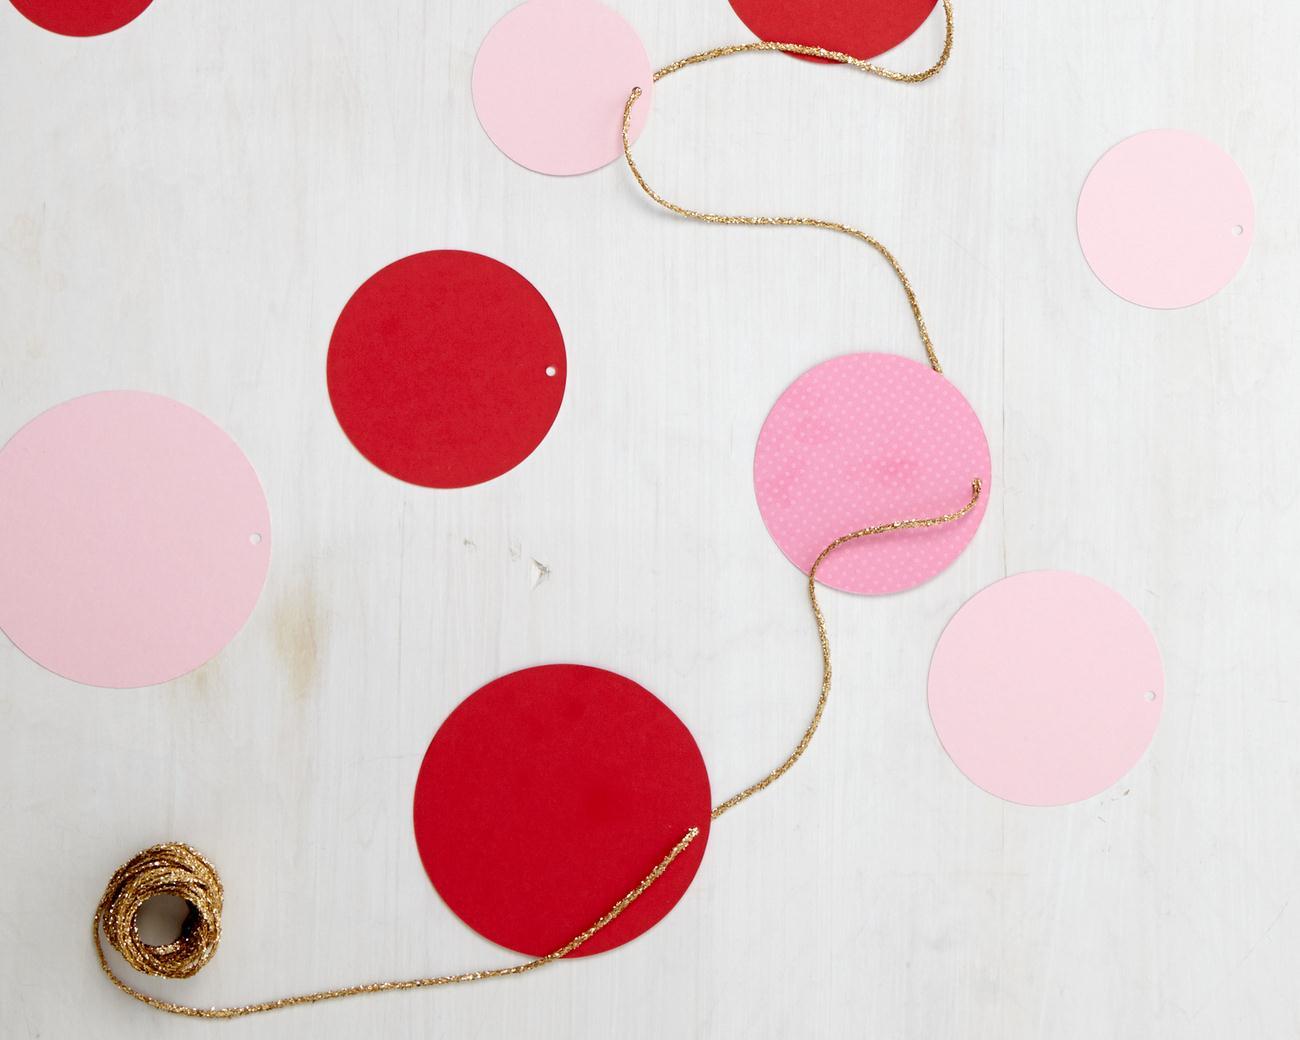 этом картинки на нитке для украшения ласточки изображаются ребрах